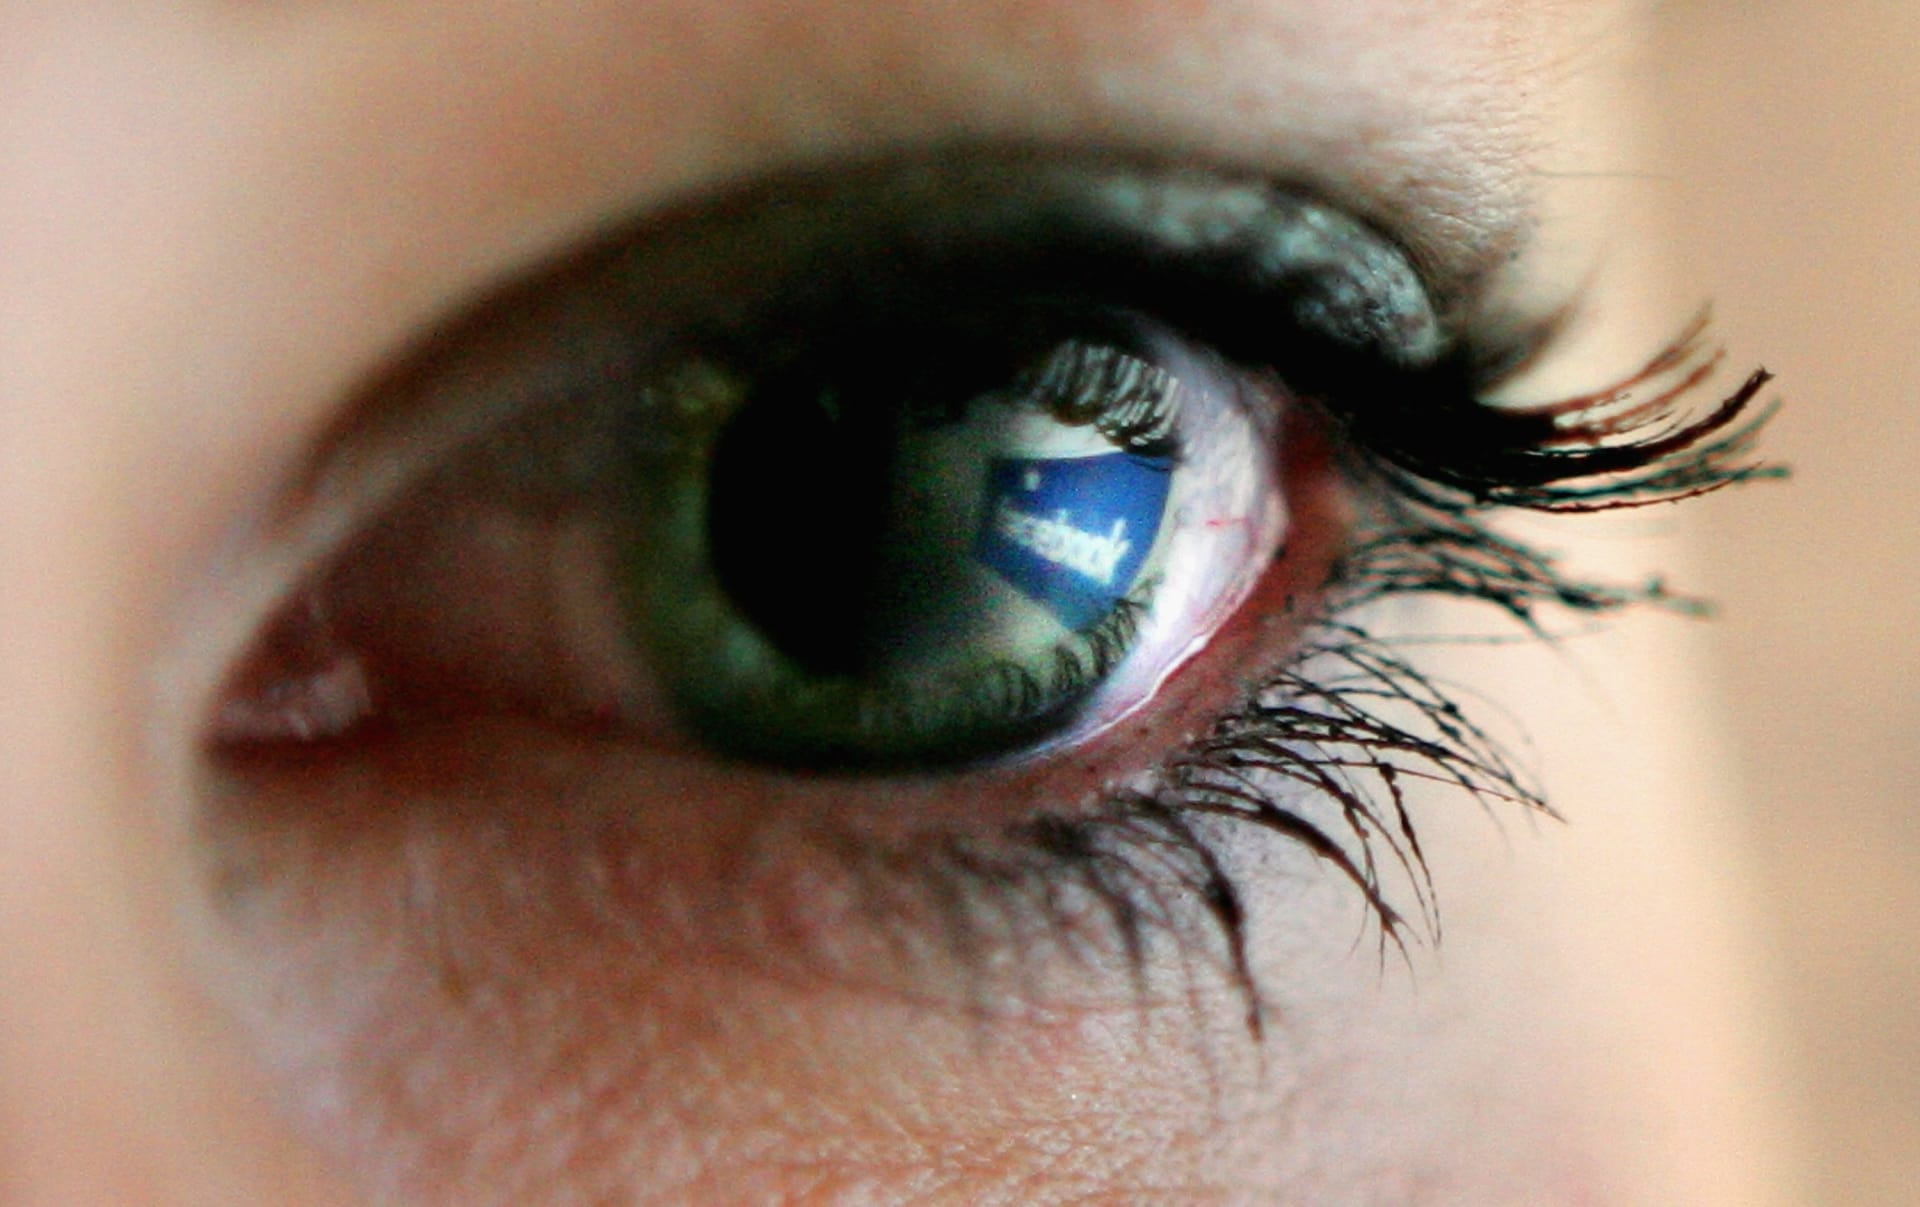 فيسبوك تغير من سياساتها.. محتوى أكثر من الأصدقاء وأقل من المعلنين